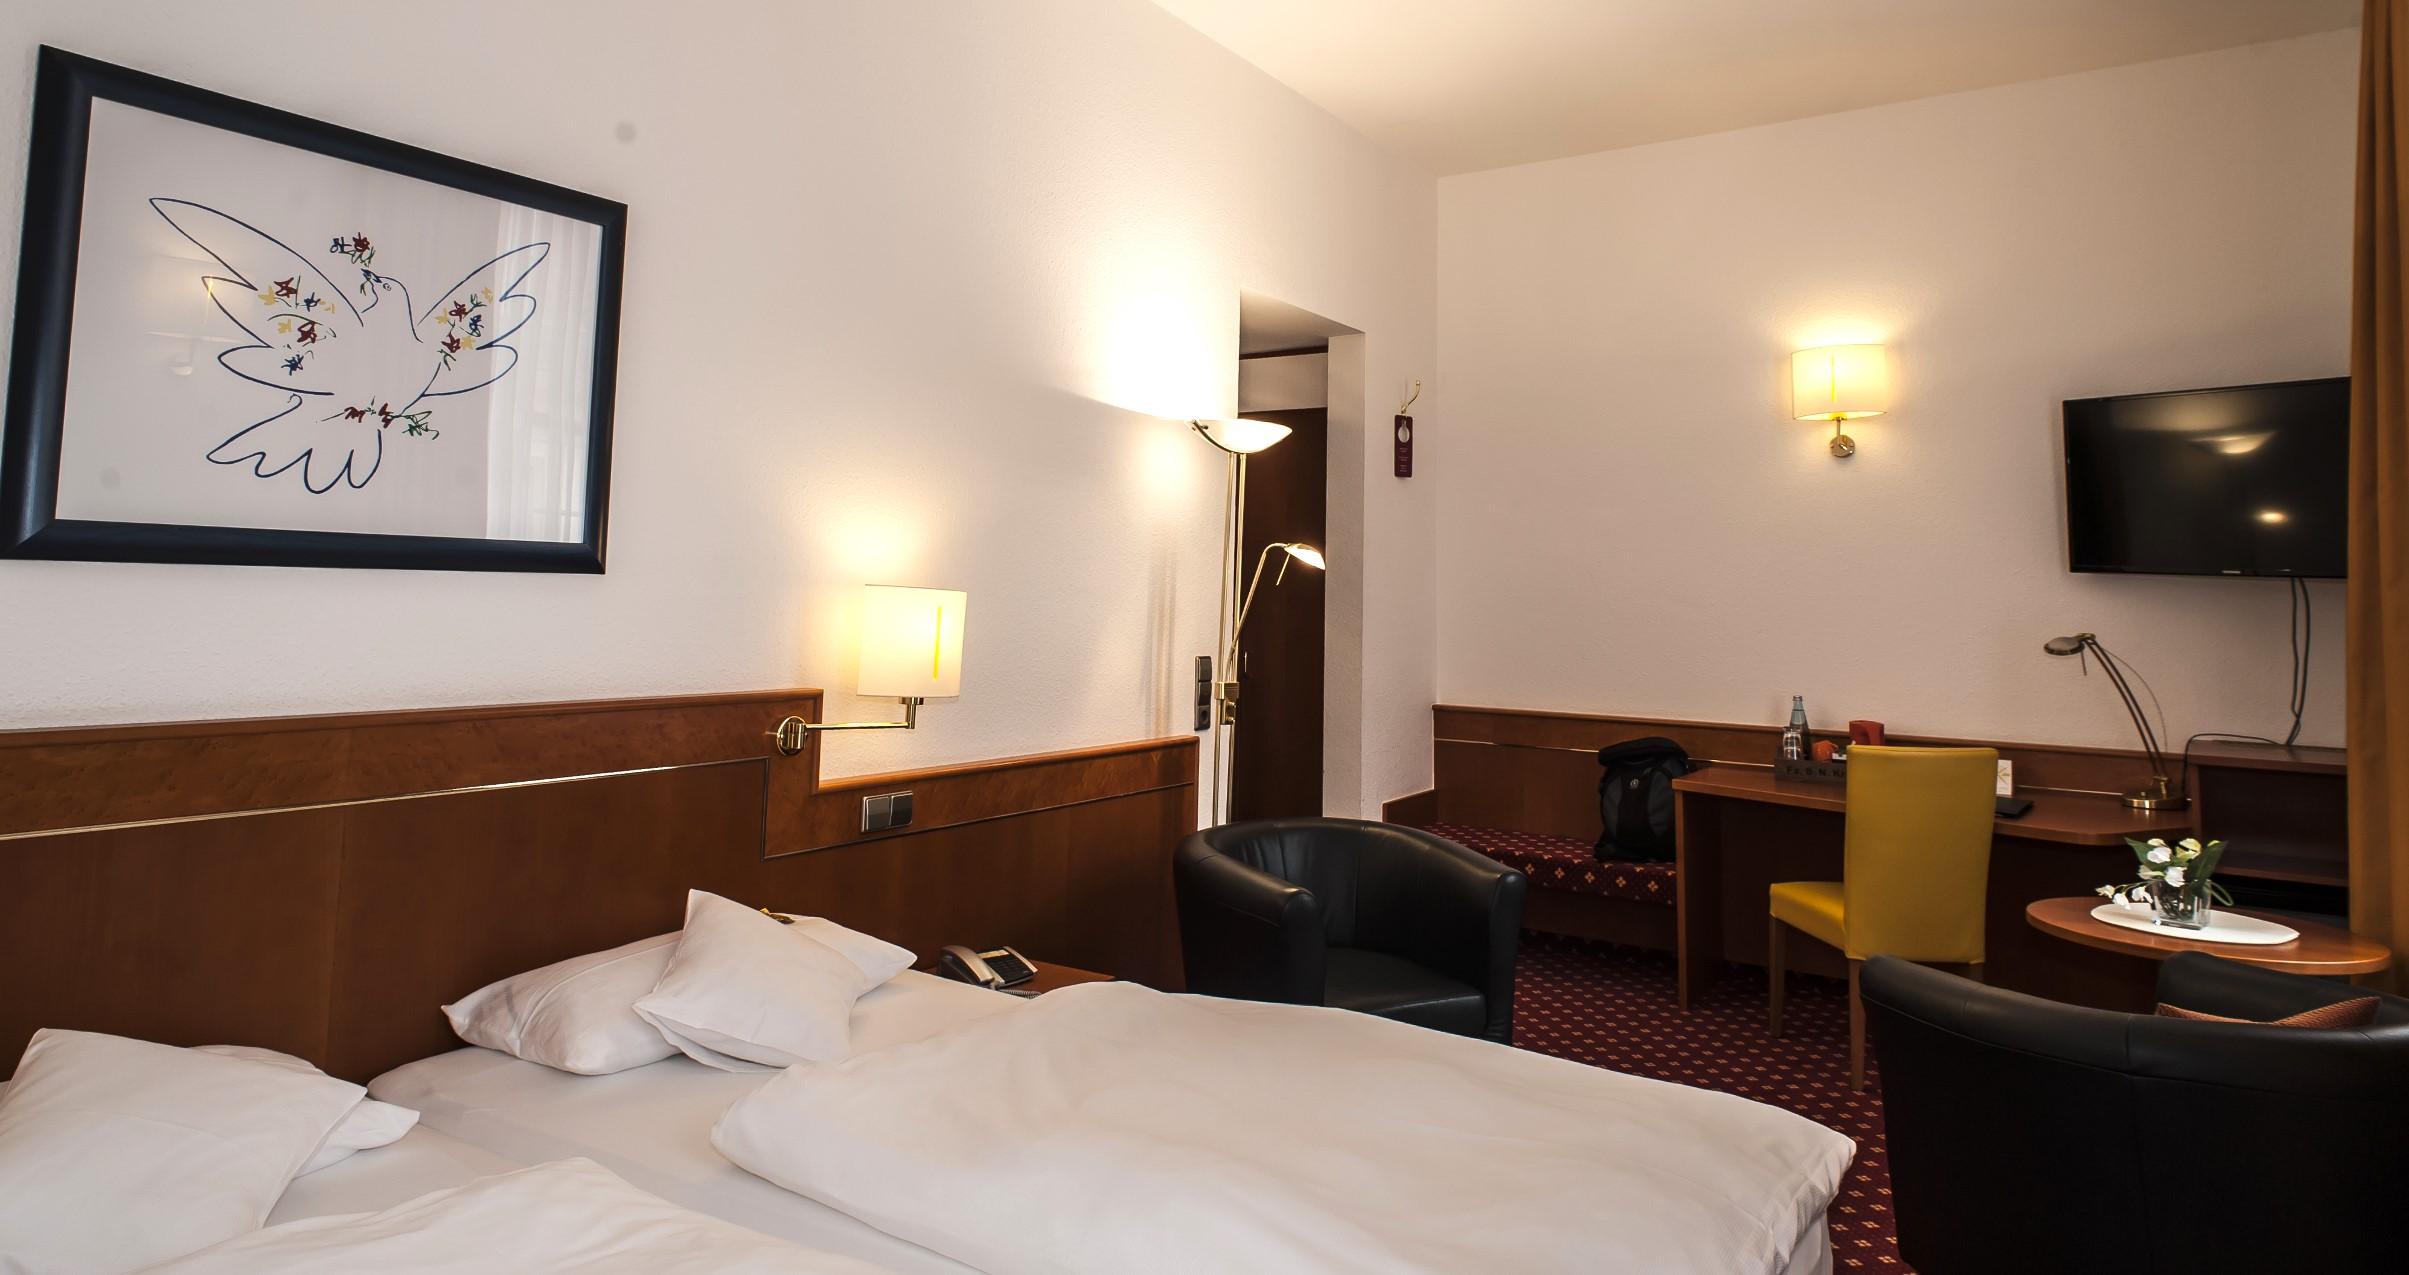 Hotel_Schwert Zimmer 1